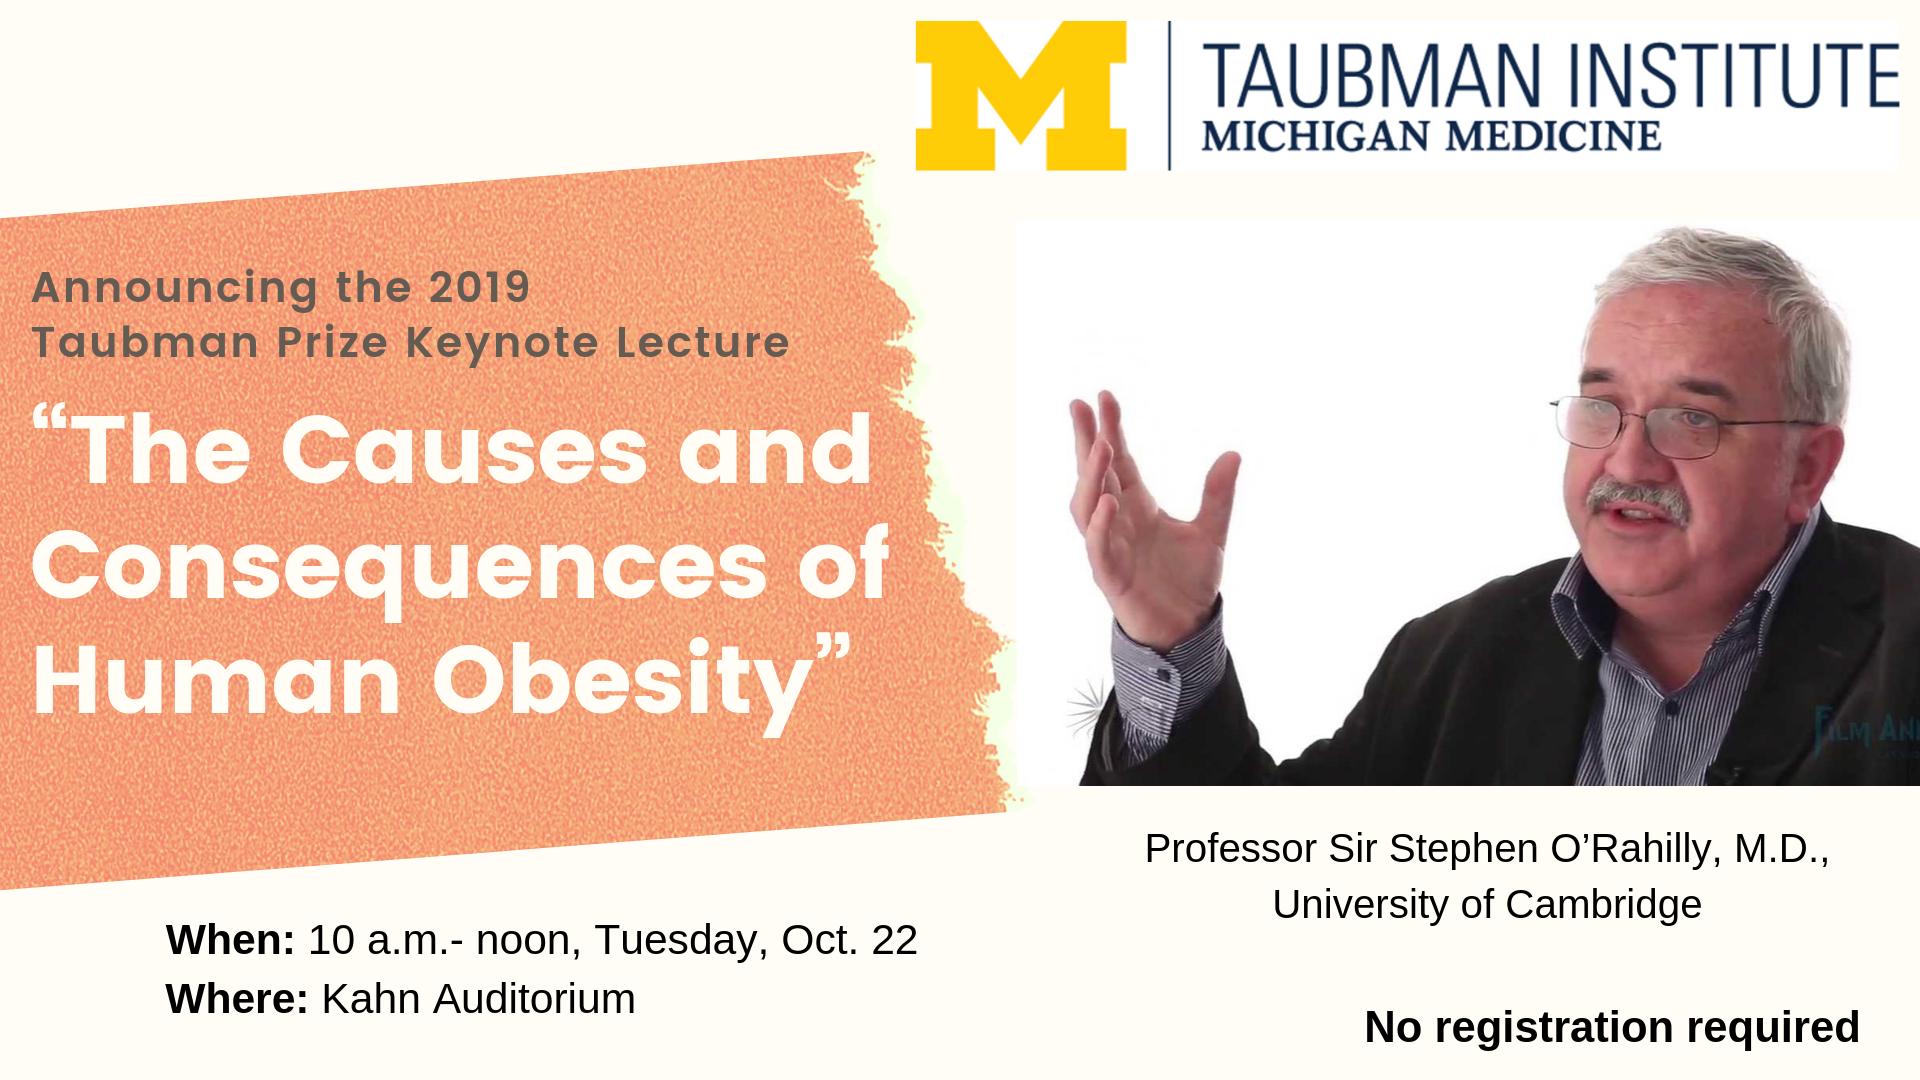 2019 Taubman Institute Symposium